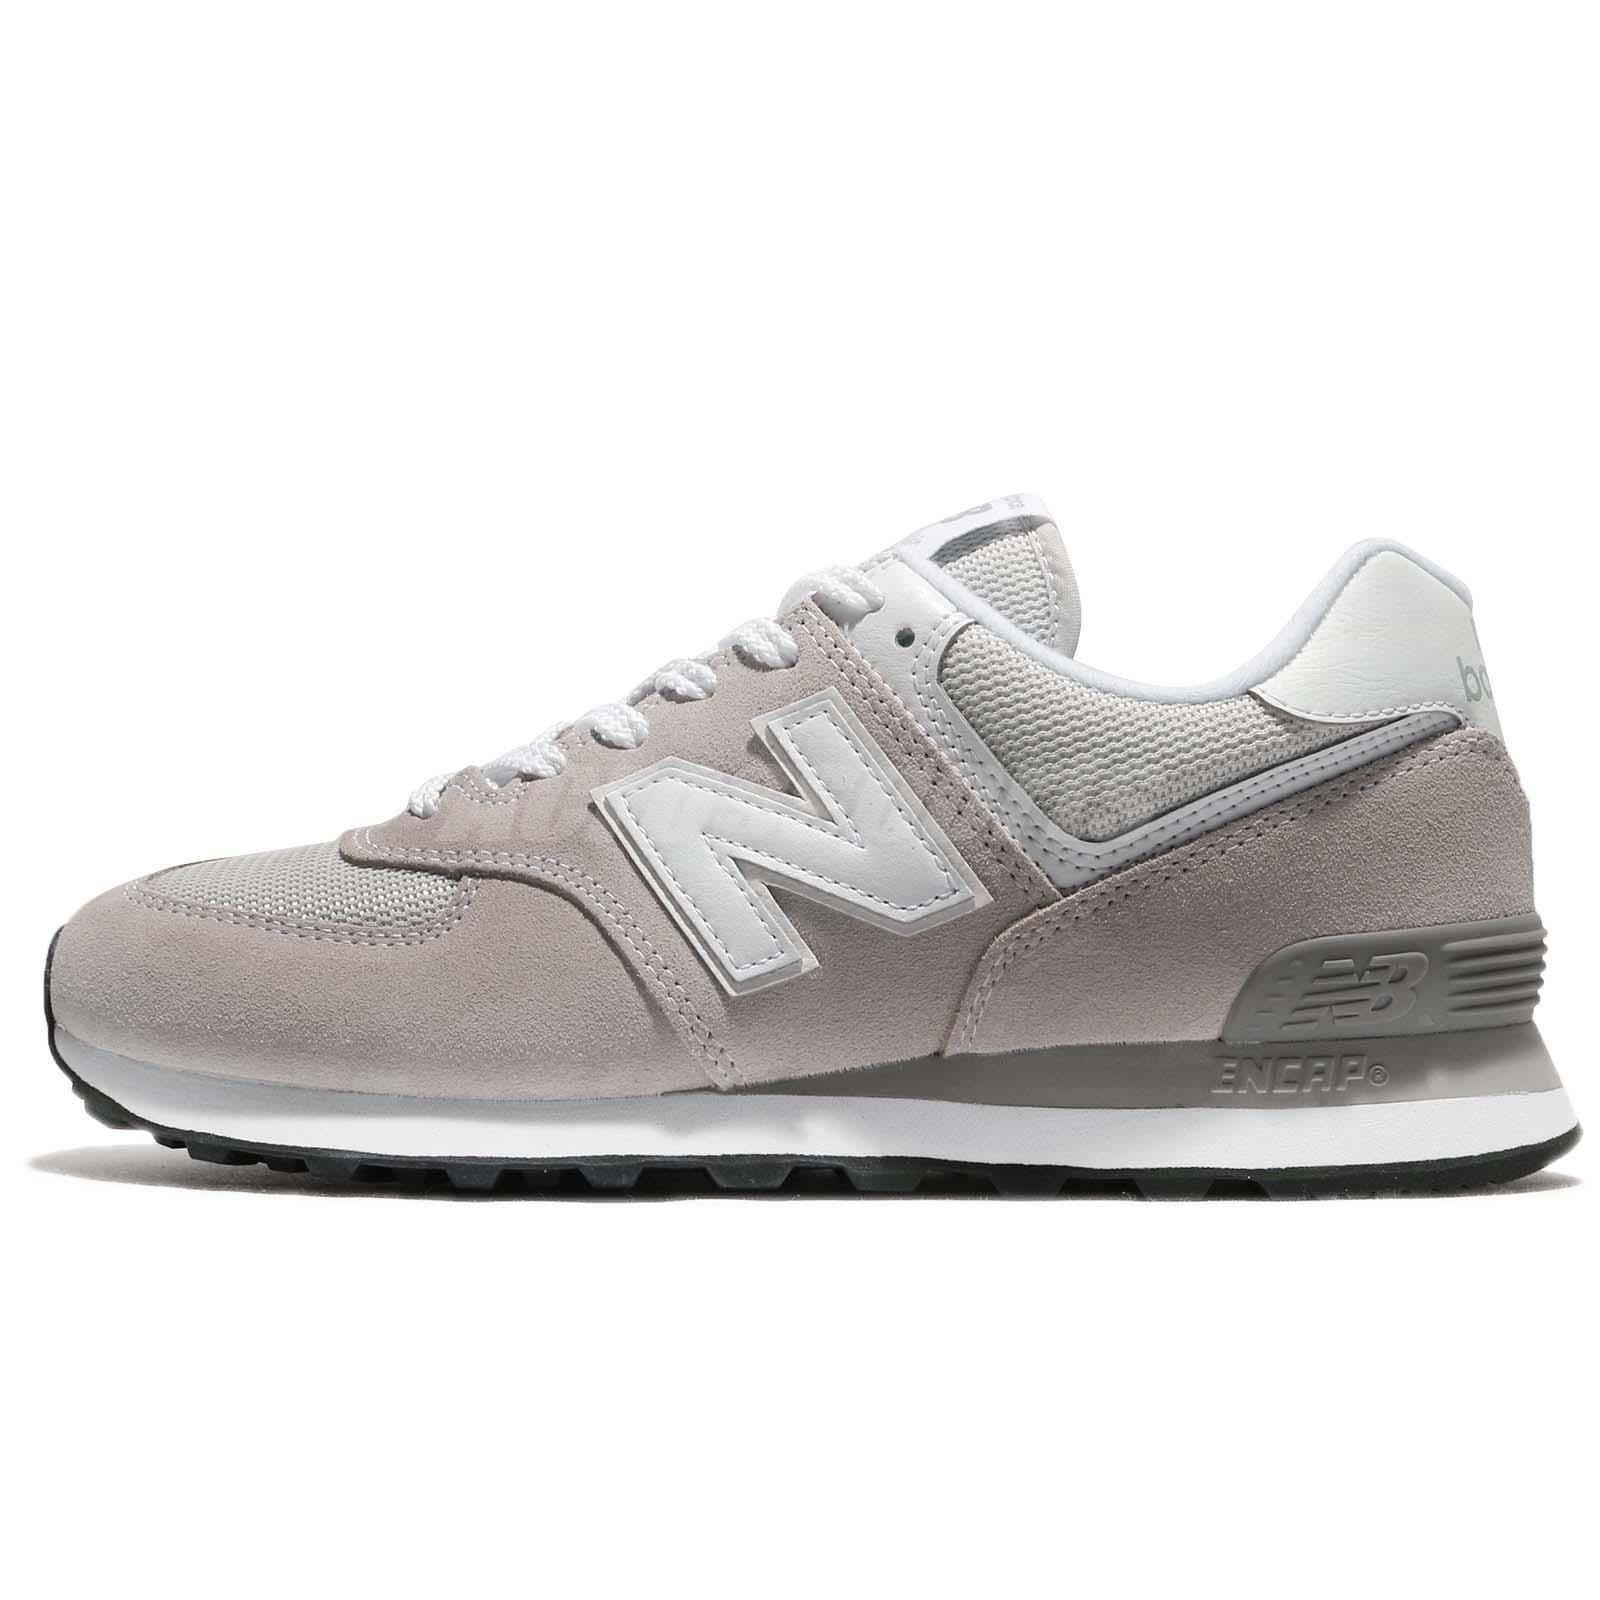 New Balance ML574EGW D 574 Ivory Grey